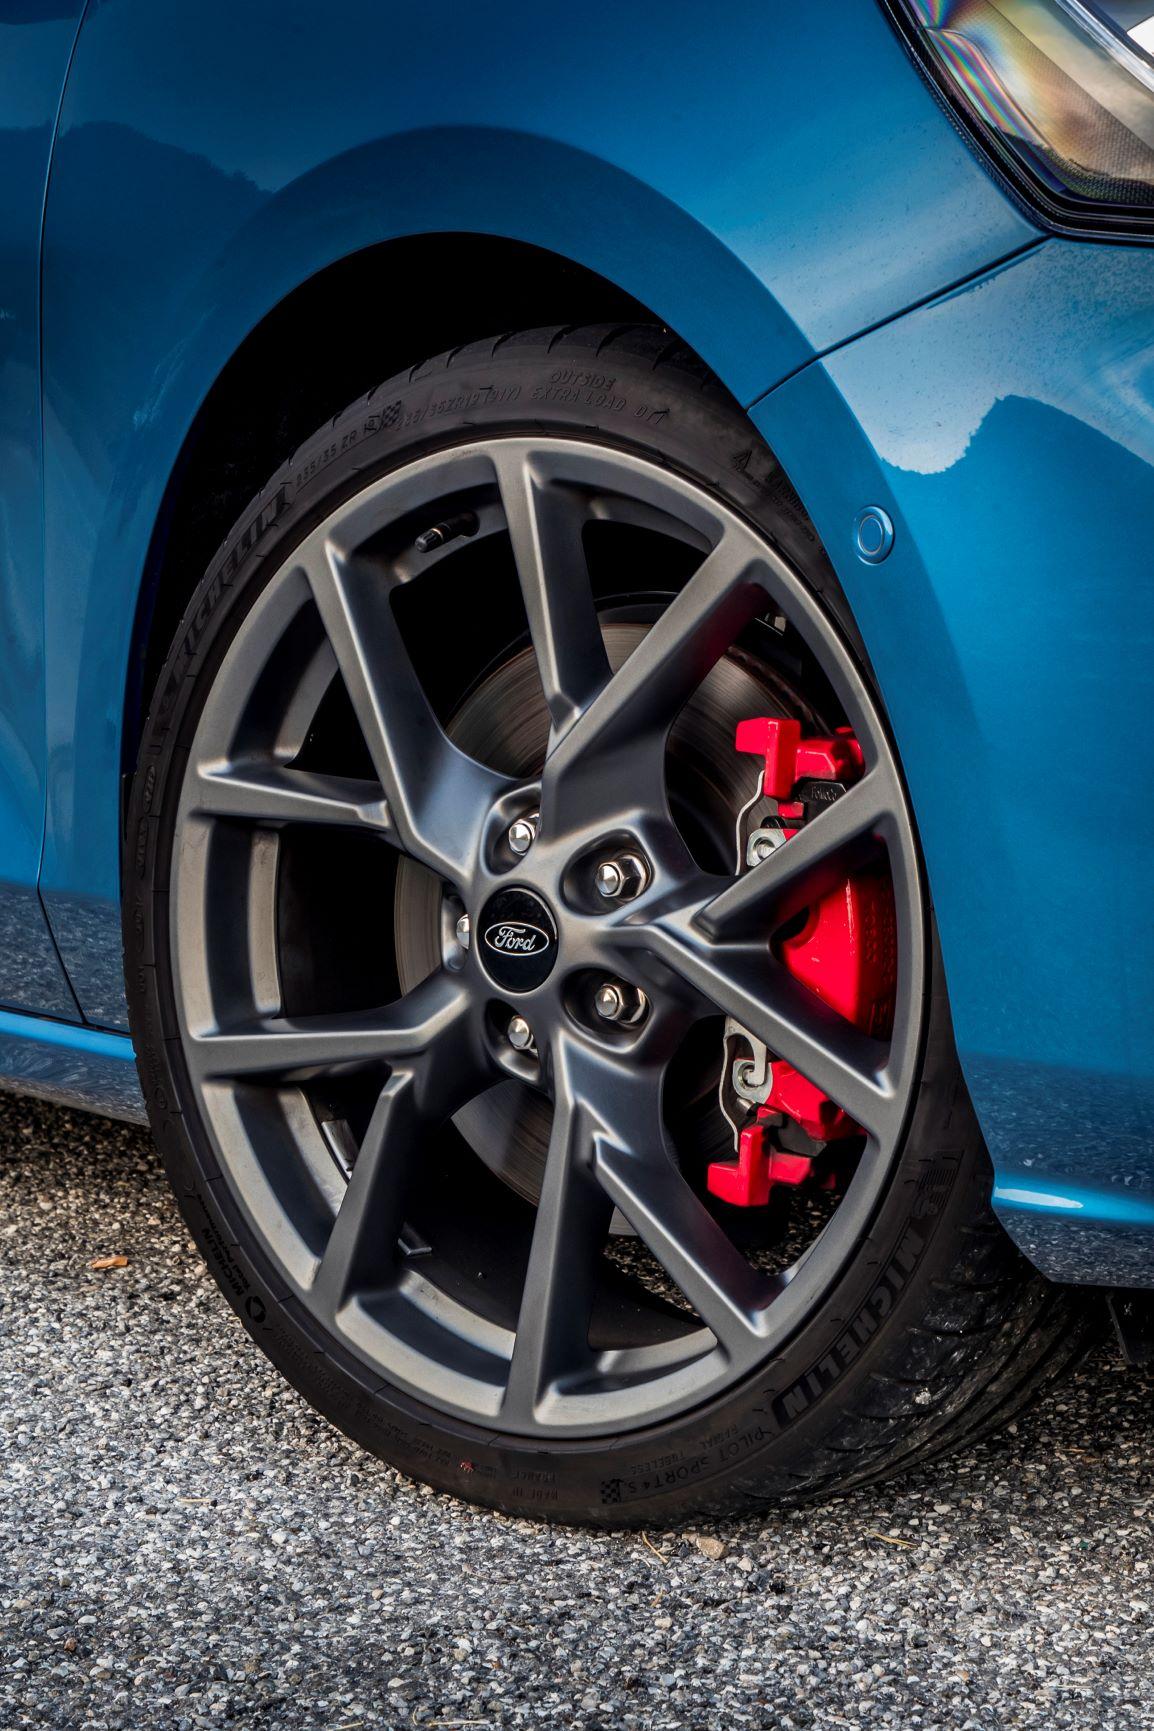 Ford Focus ST cerchi